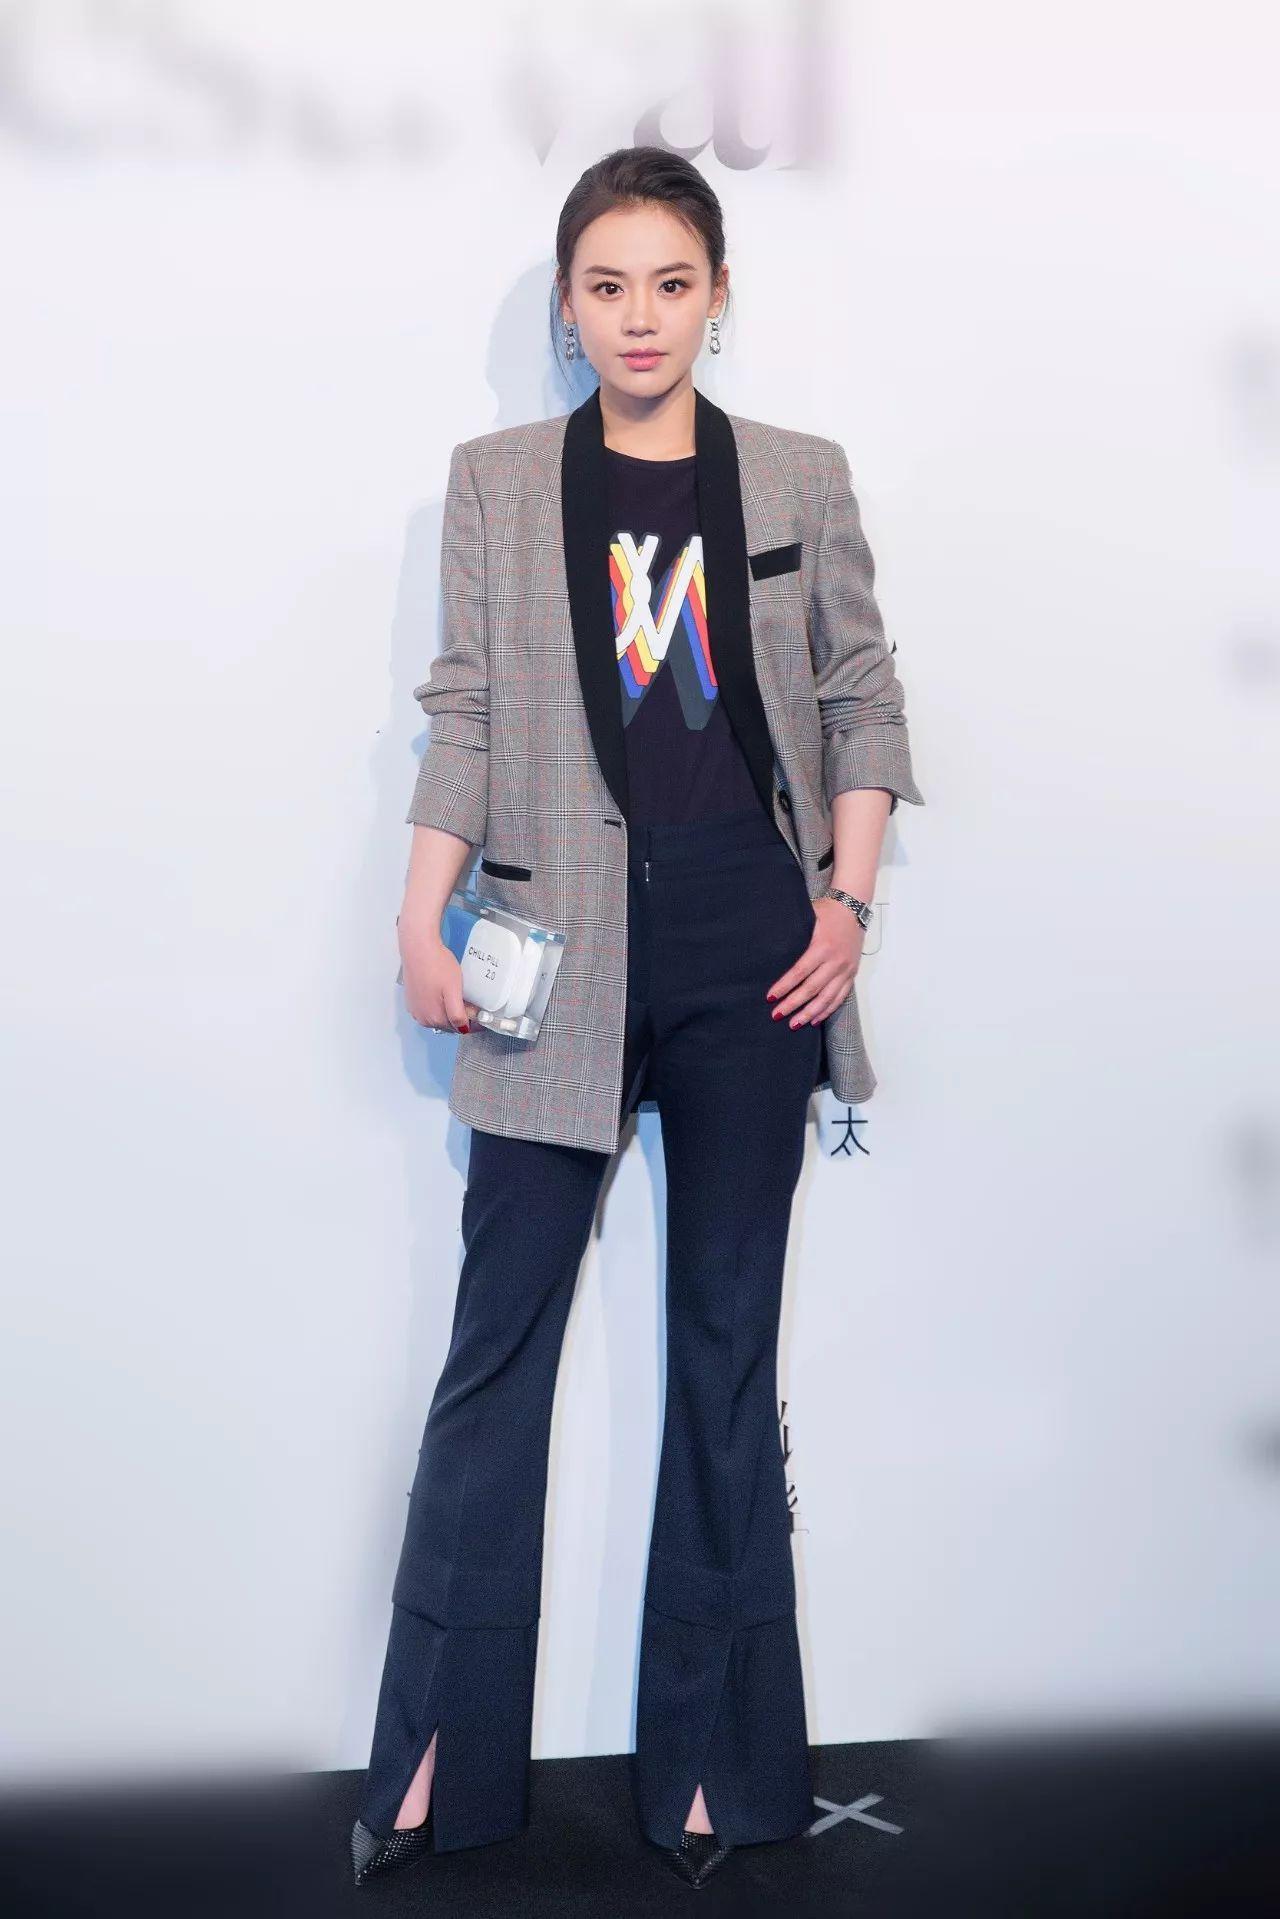 喜欢刘雯和热巴的灰色西装,但不想穿成职场人,怎么办?